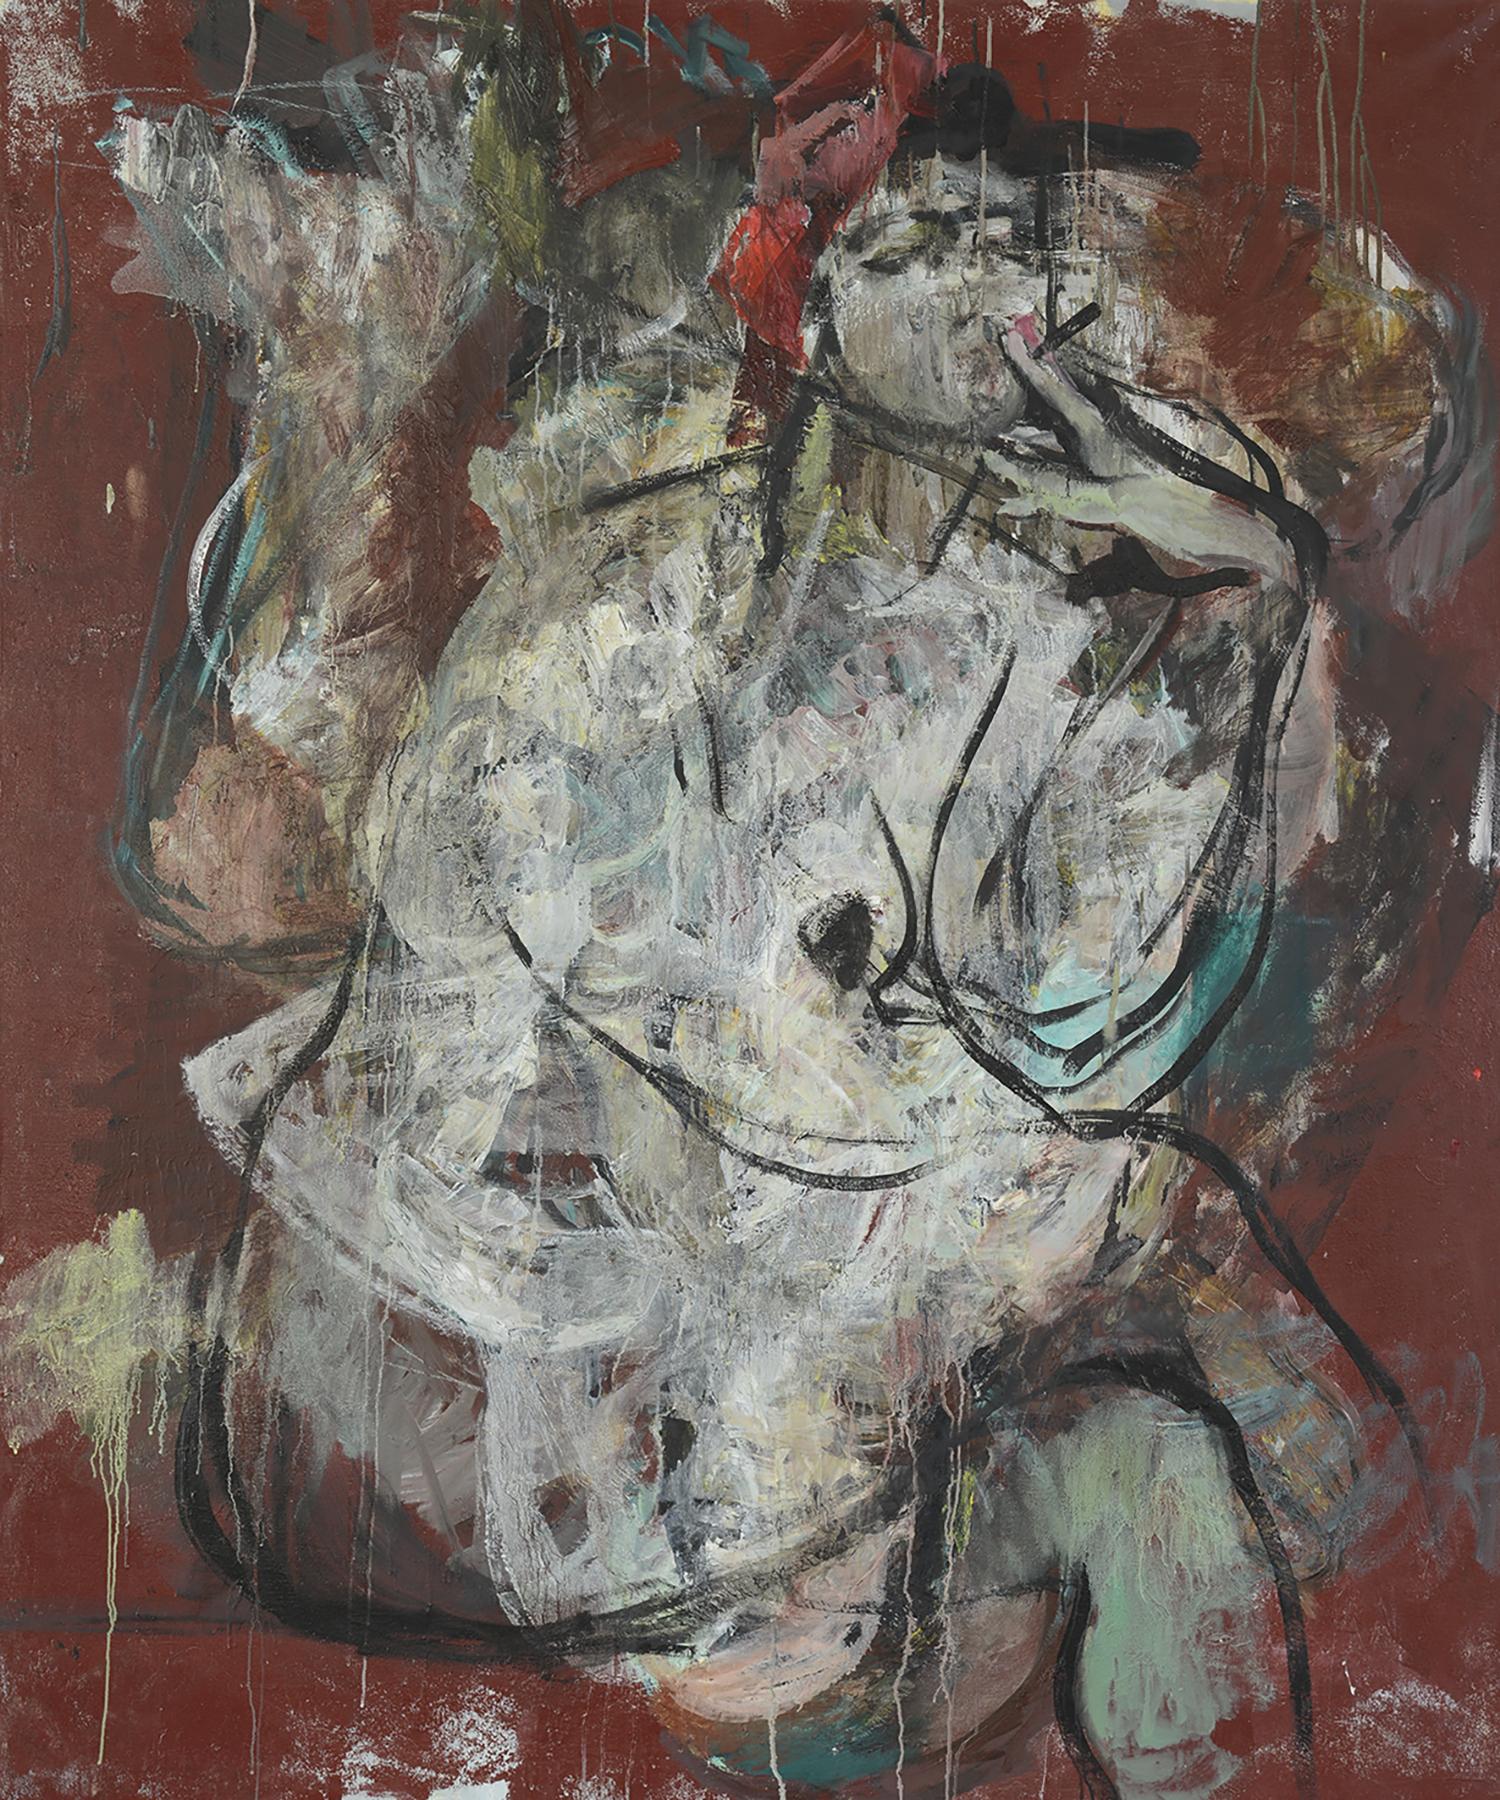 Die Rauchende , 180 x 150 cm, Oil on canvas, 2016.